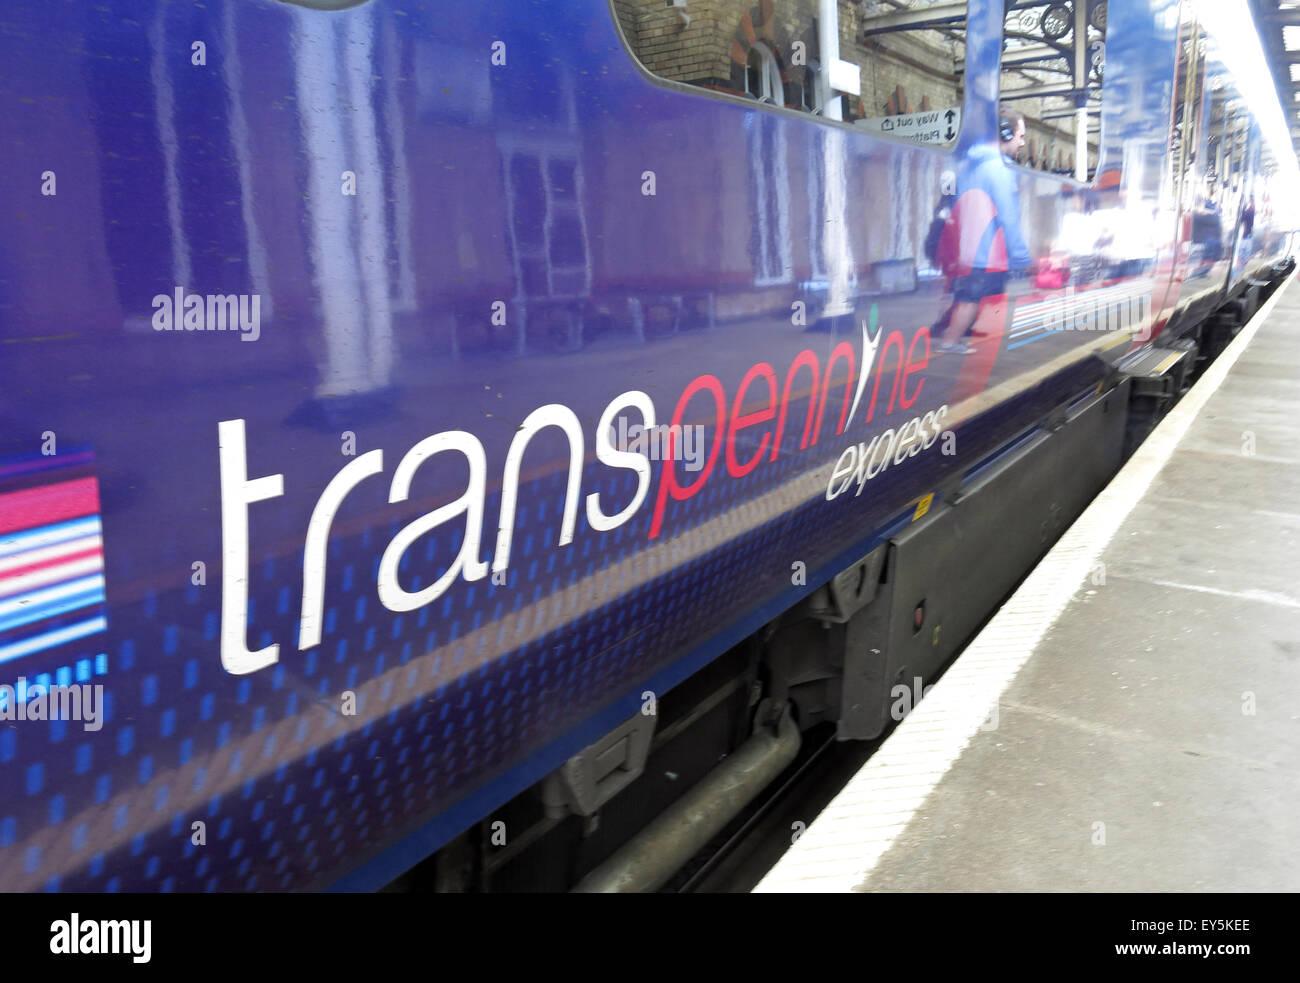 Laden Sie dieses Alamy Stockfoto TransPennine Zug Wagen am Bahnsteig, Warrington Central Station, Cheshire, England UK - EY5KEE